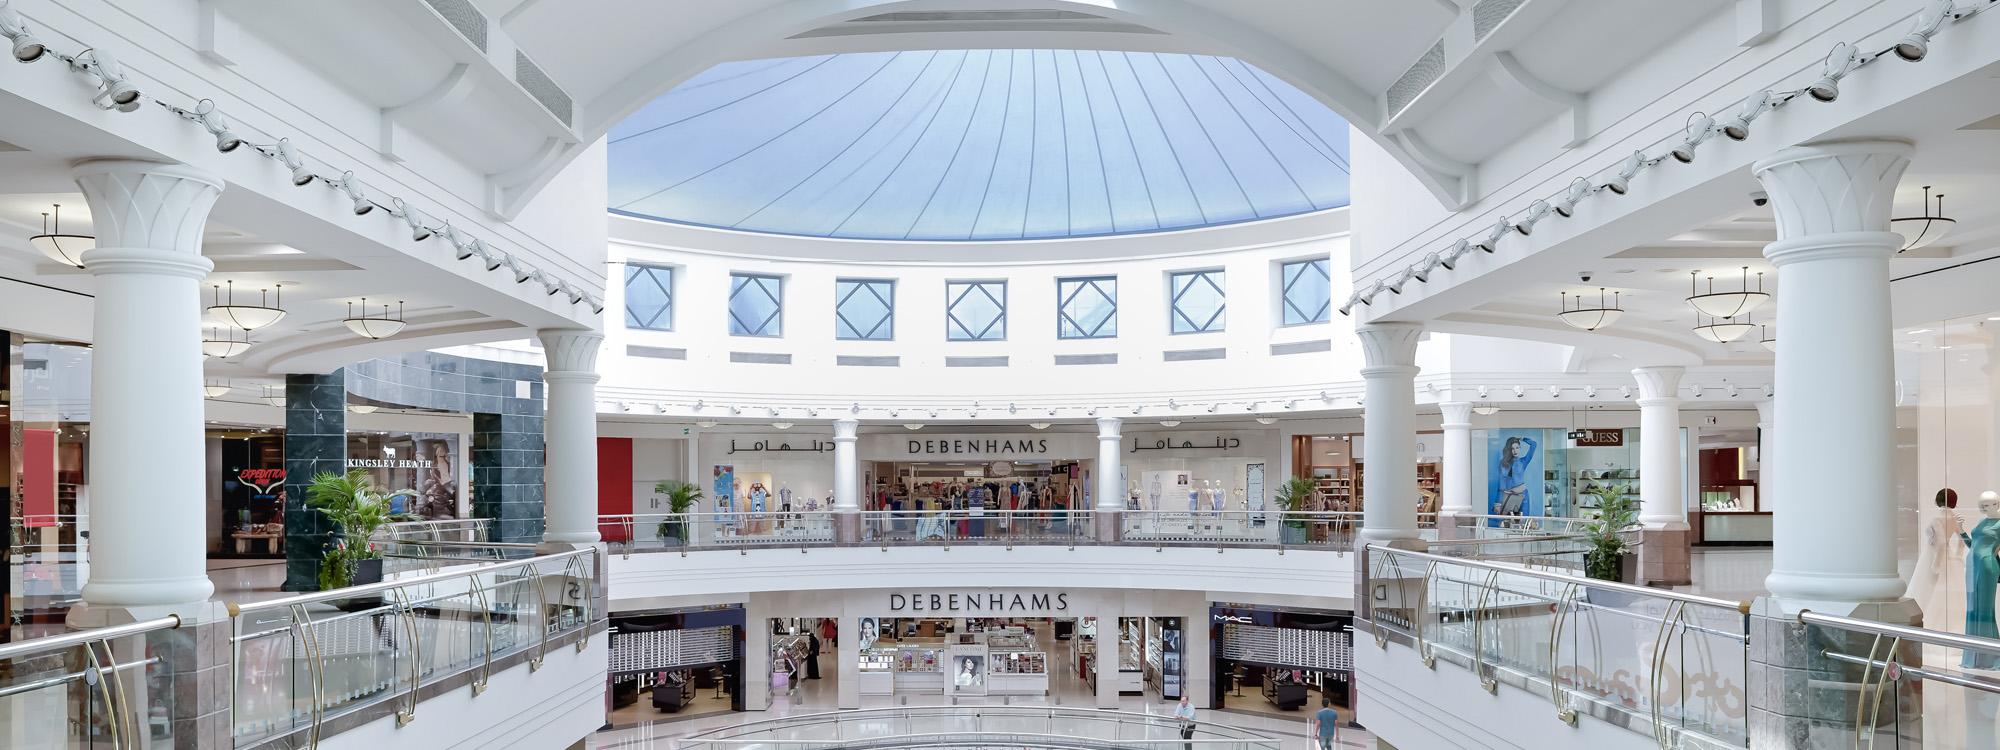 Shopping Mall In Dubai Dubai Shopping City Centre Deira